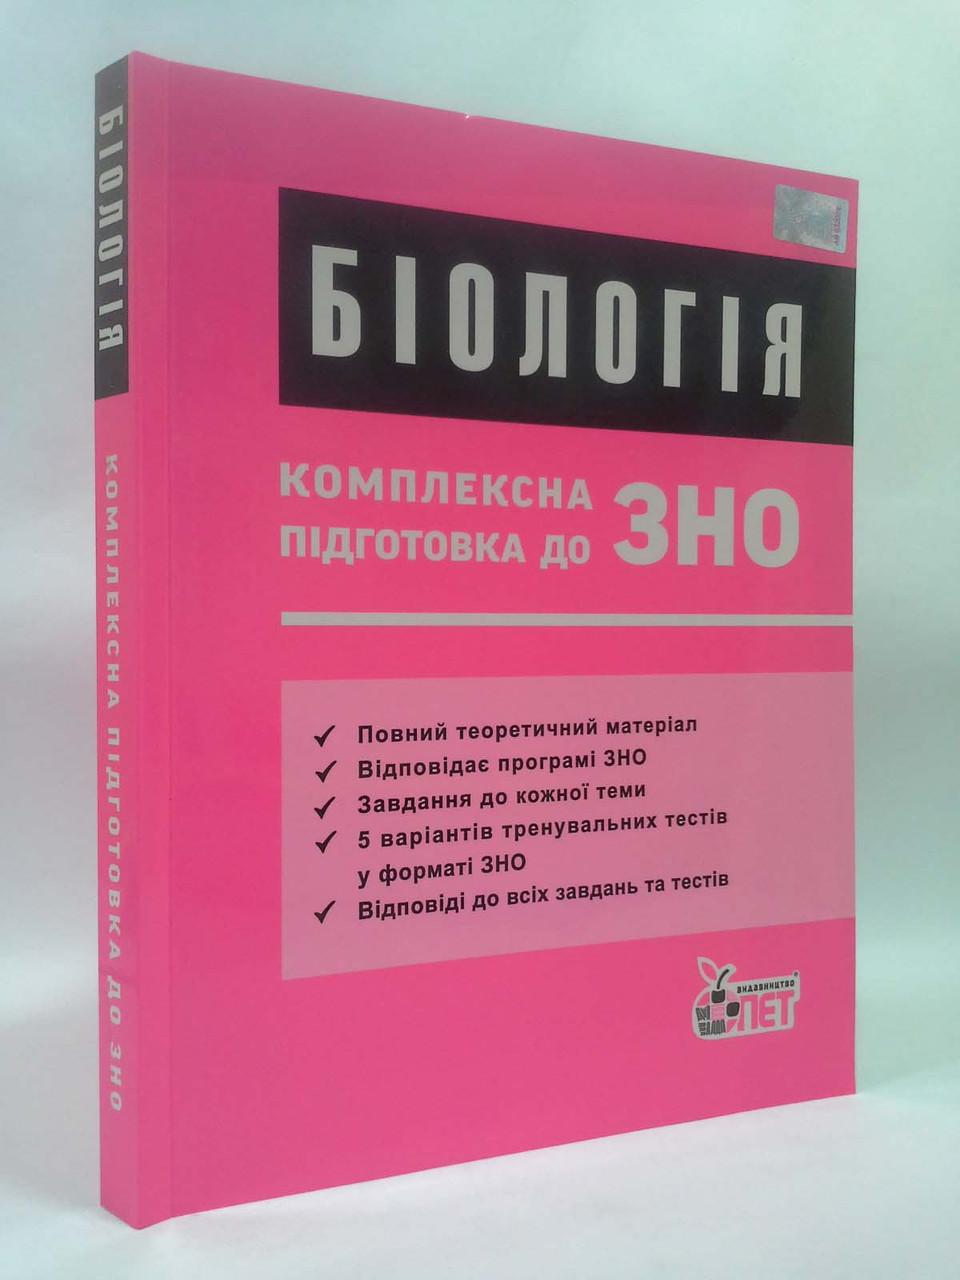 Біологія Комплексна підготовка до ЗНО Пономаренко ПЕТ